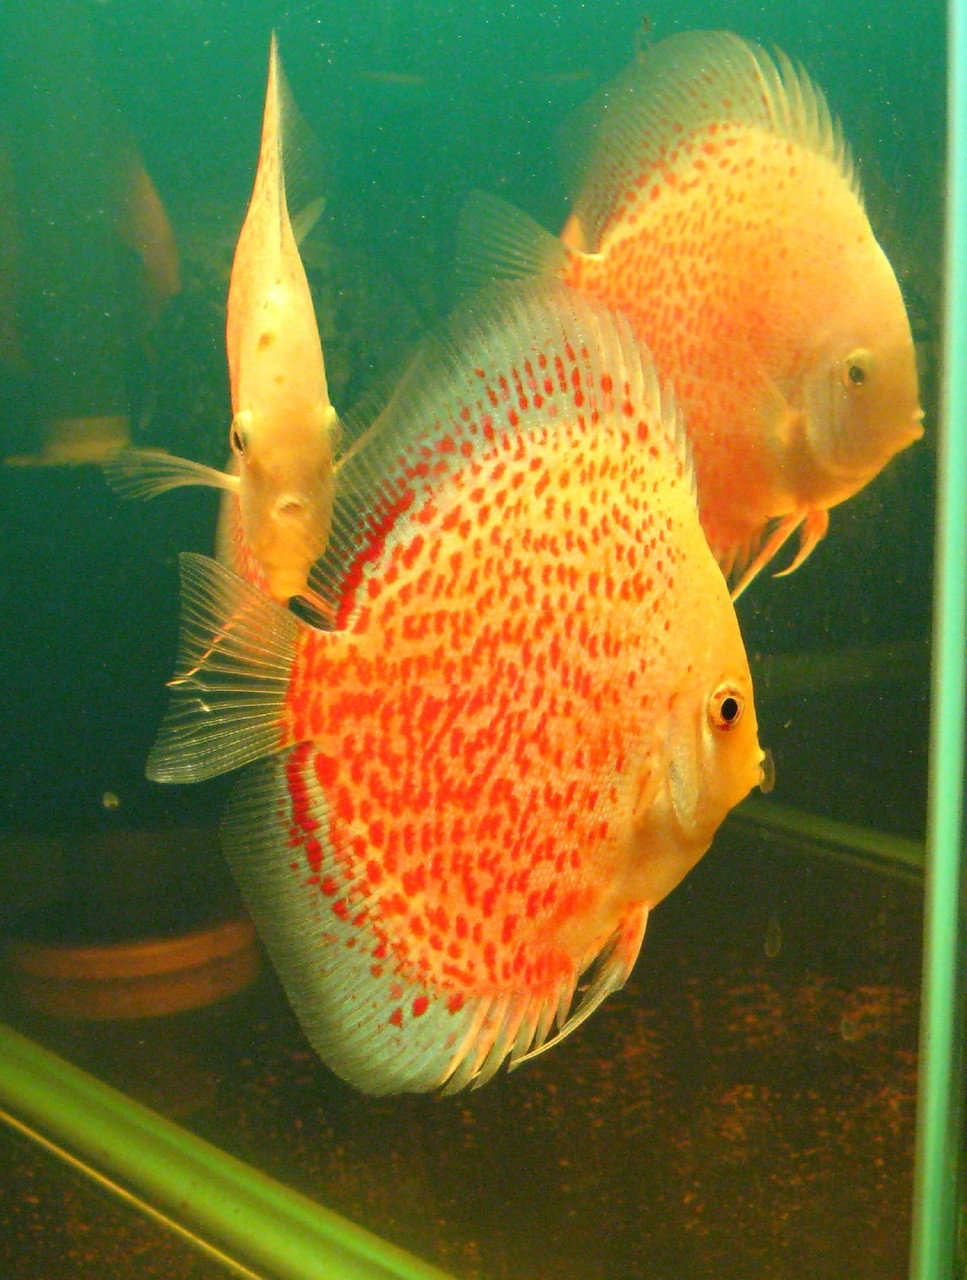 Snow leopard discus fish 2 inch mac 39 s discus for Discus fish price